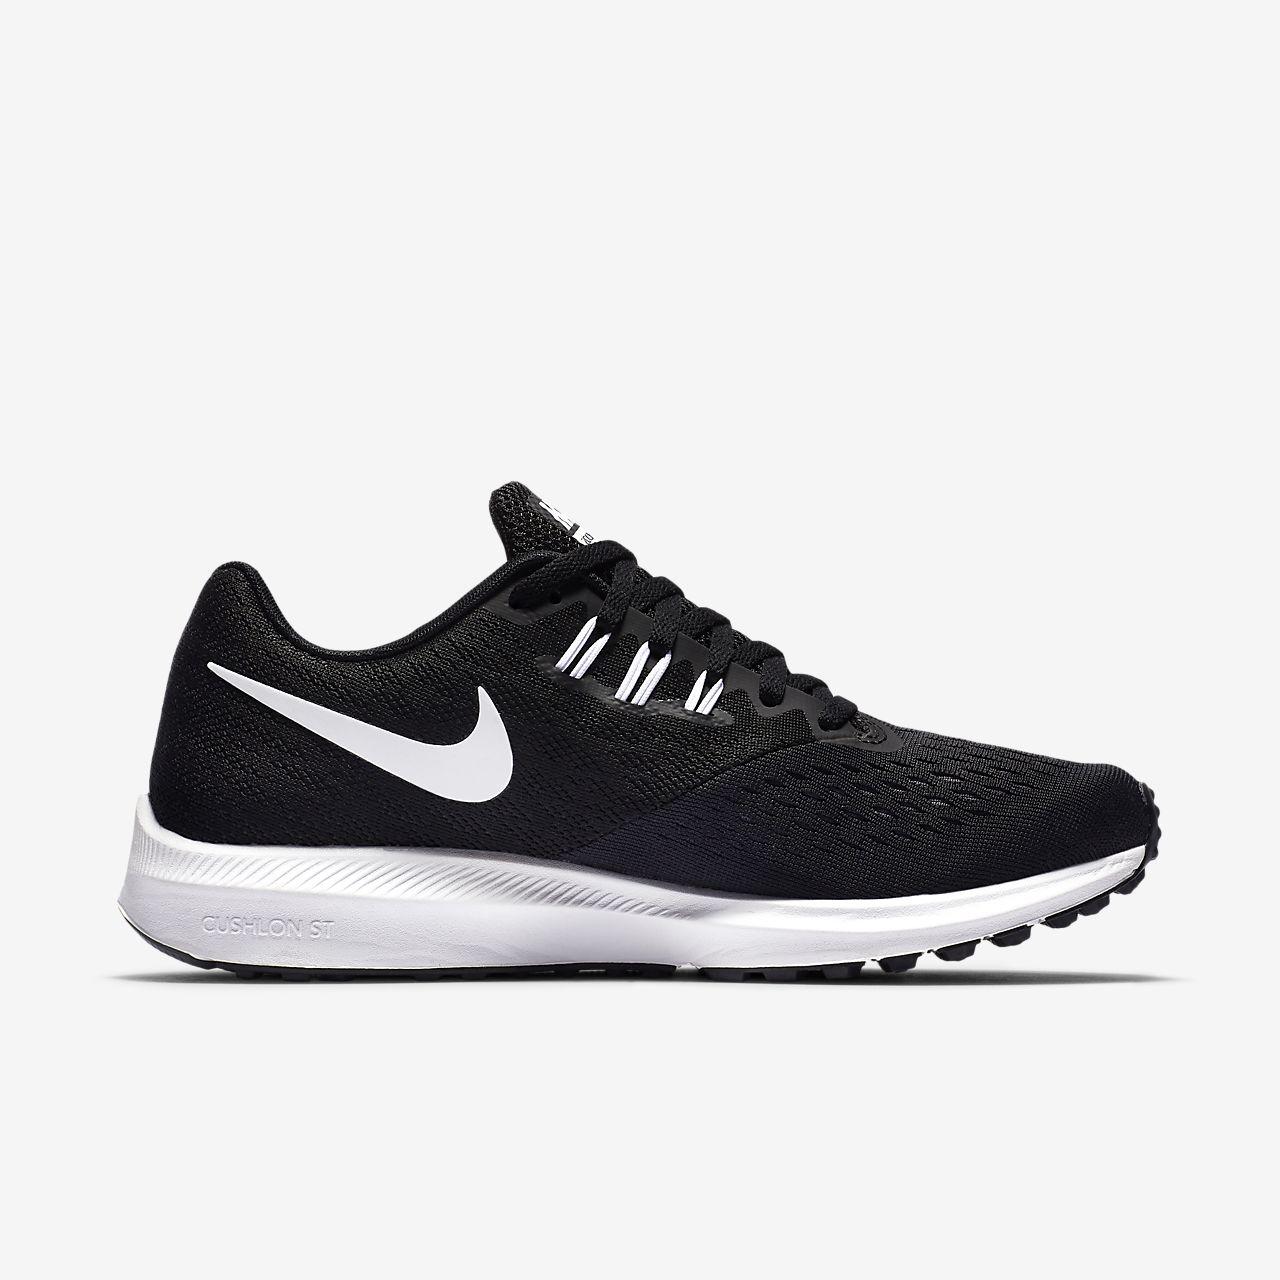 f18d062e2f94 Nike Zoom Winflo 4 Women s Running Shoe. Nike.com GB